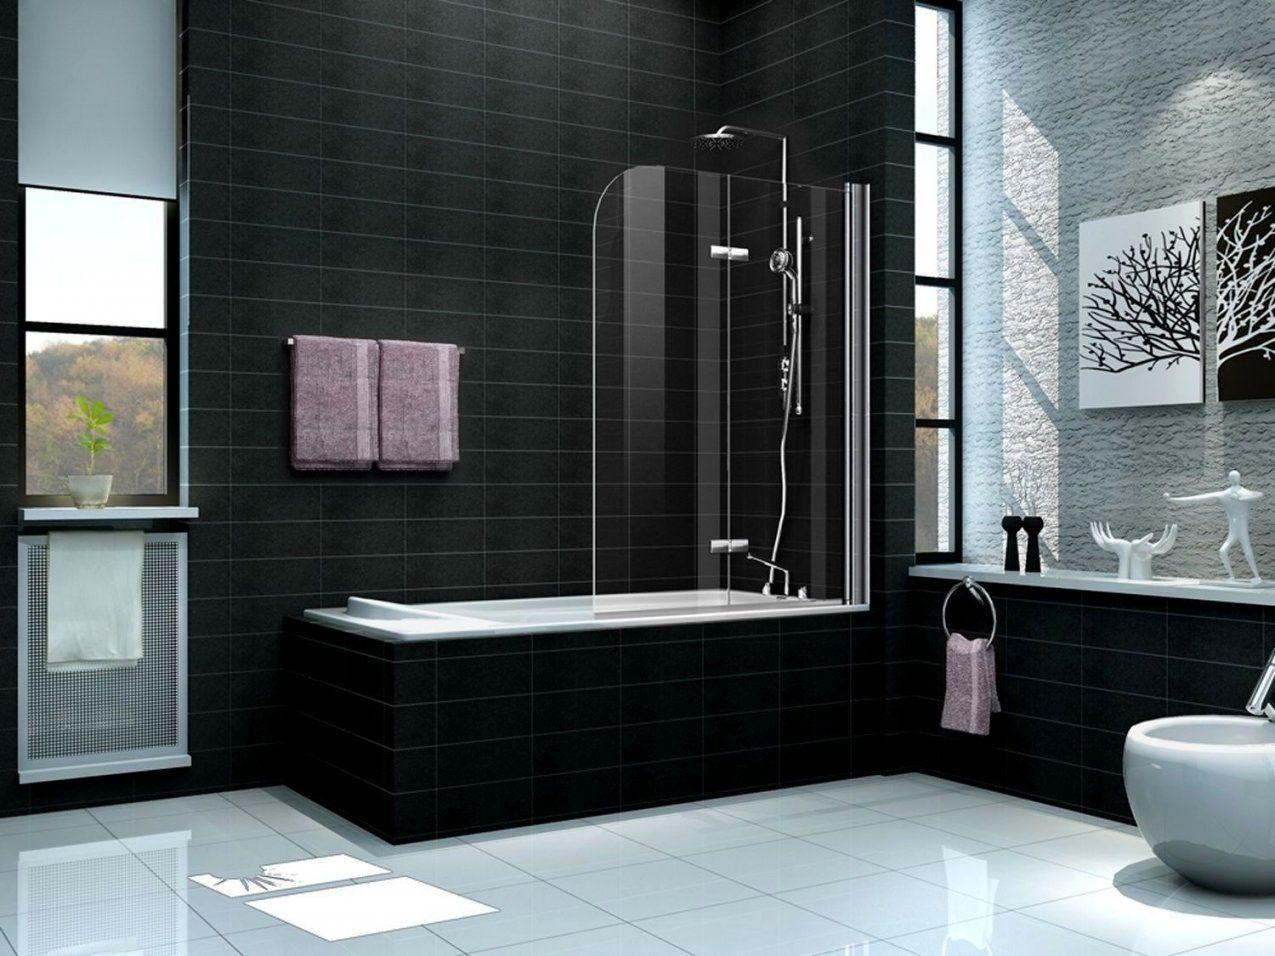 Appealing Tolle Badewannen Duschwand Glas Castle Frische Haus Ideen von Duschwand Glas Für Badewanne Photo